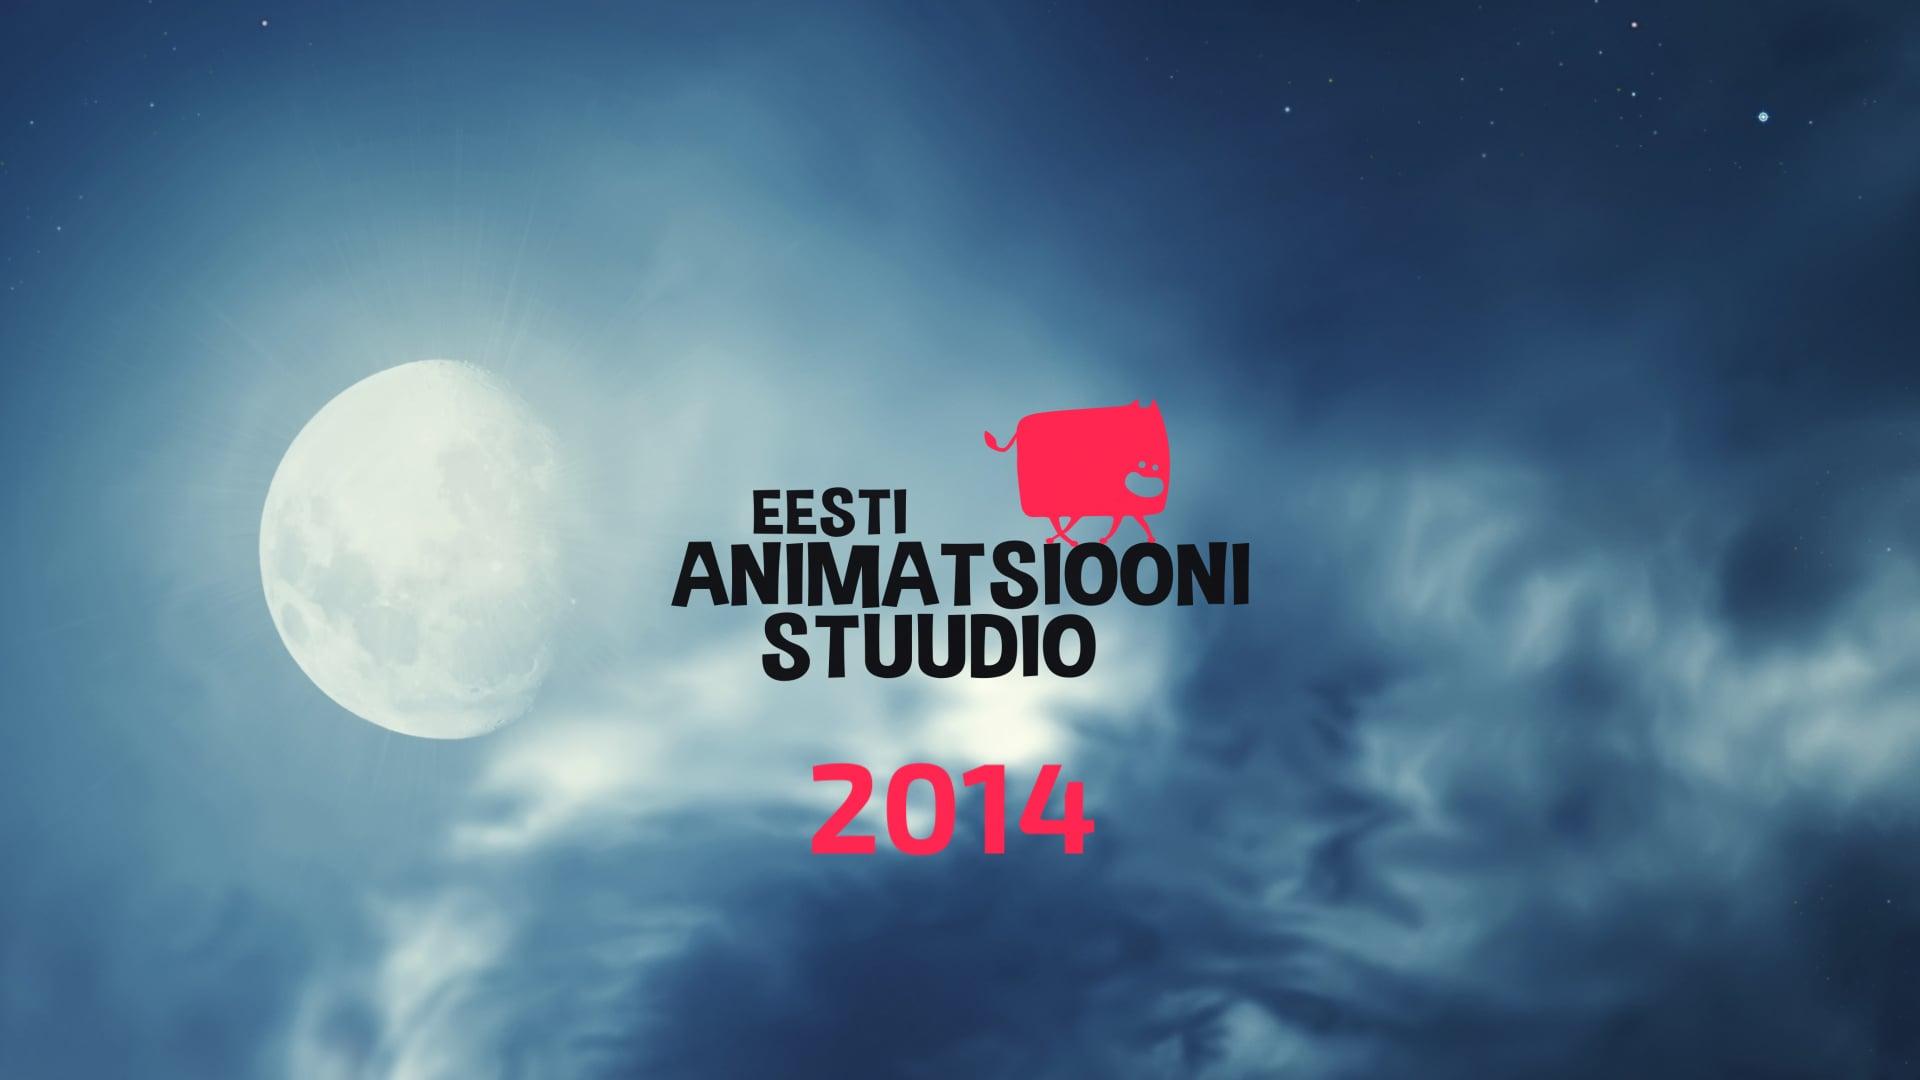 animatsioonistuudio showreel 2014